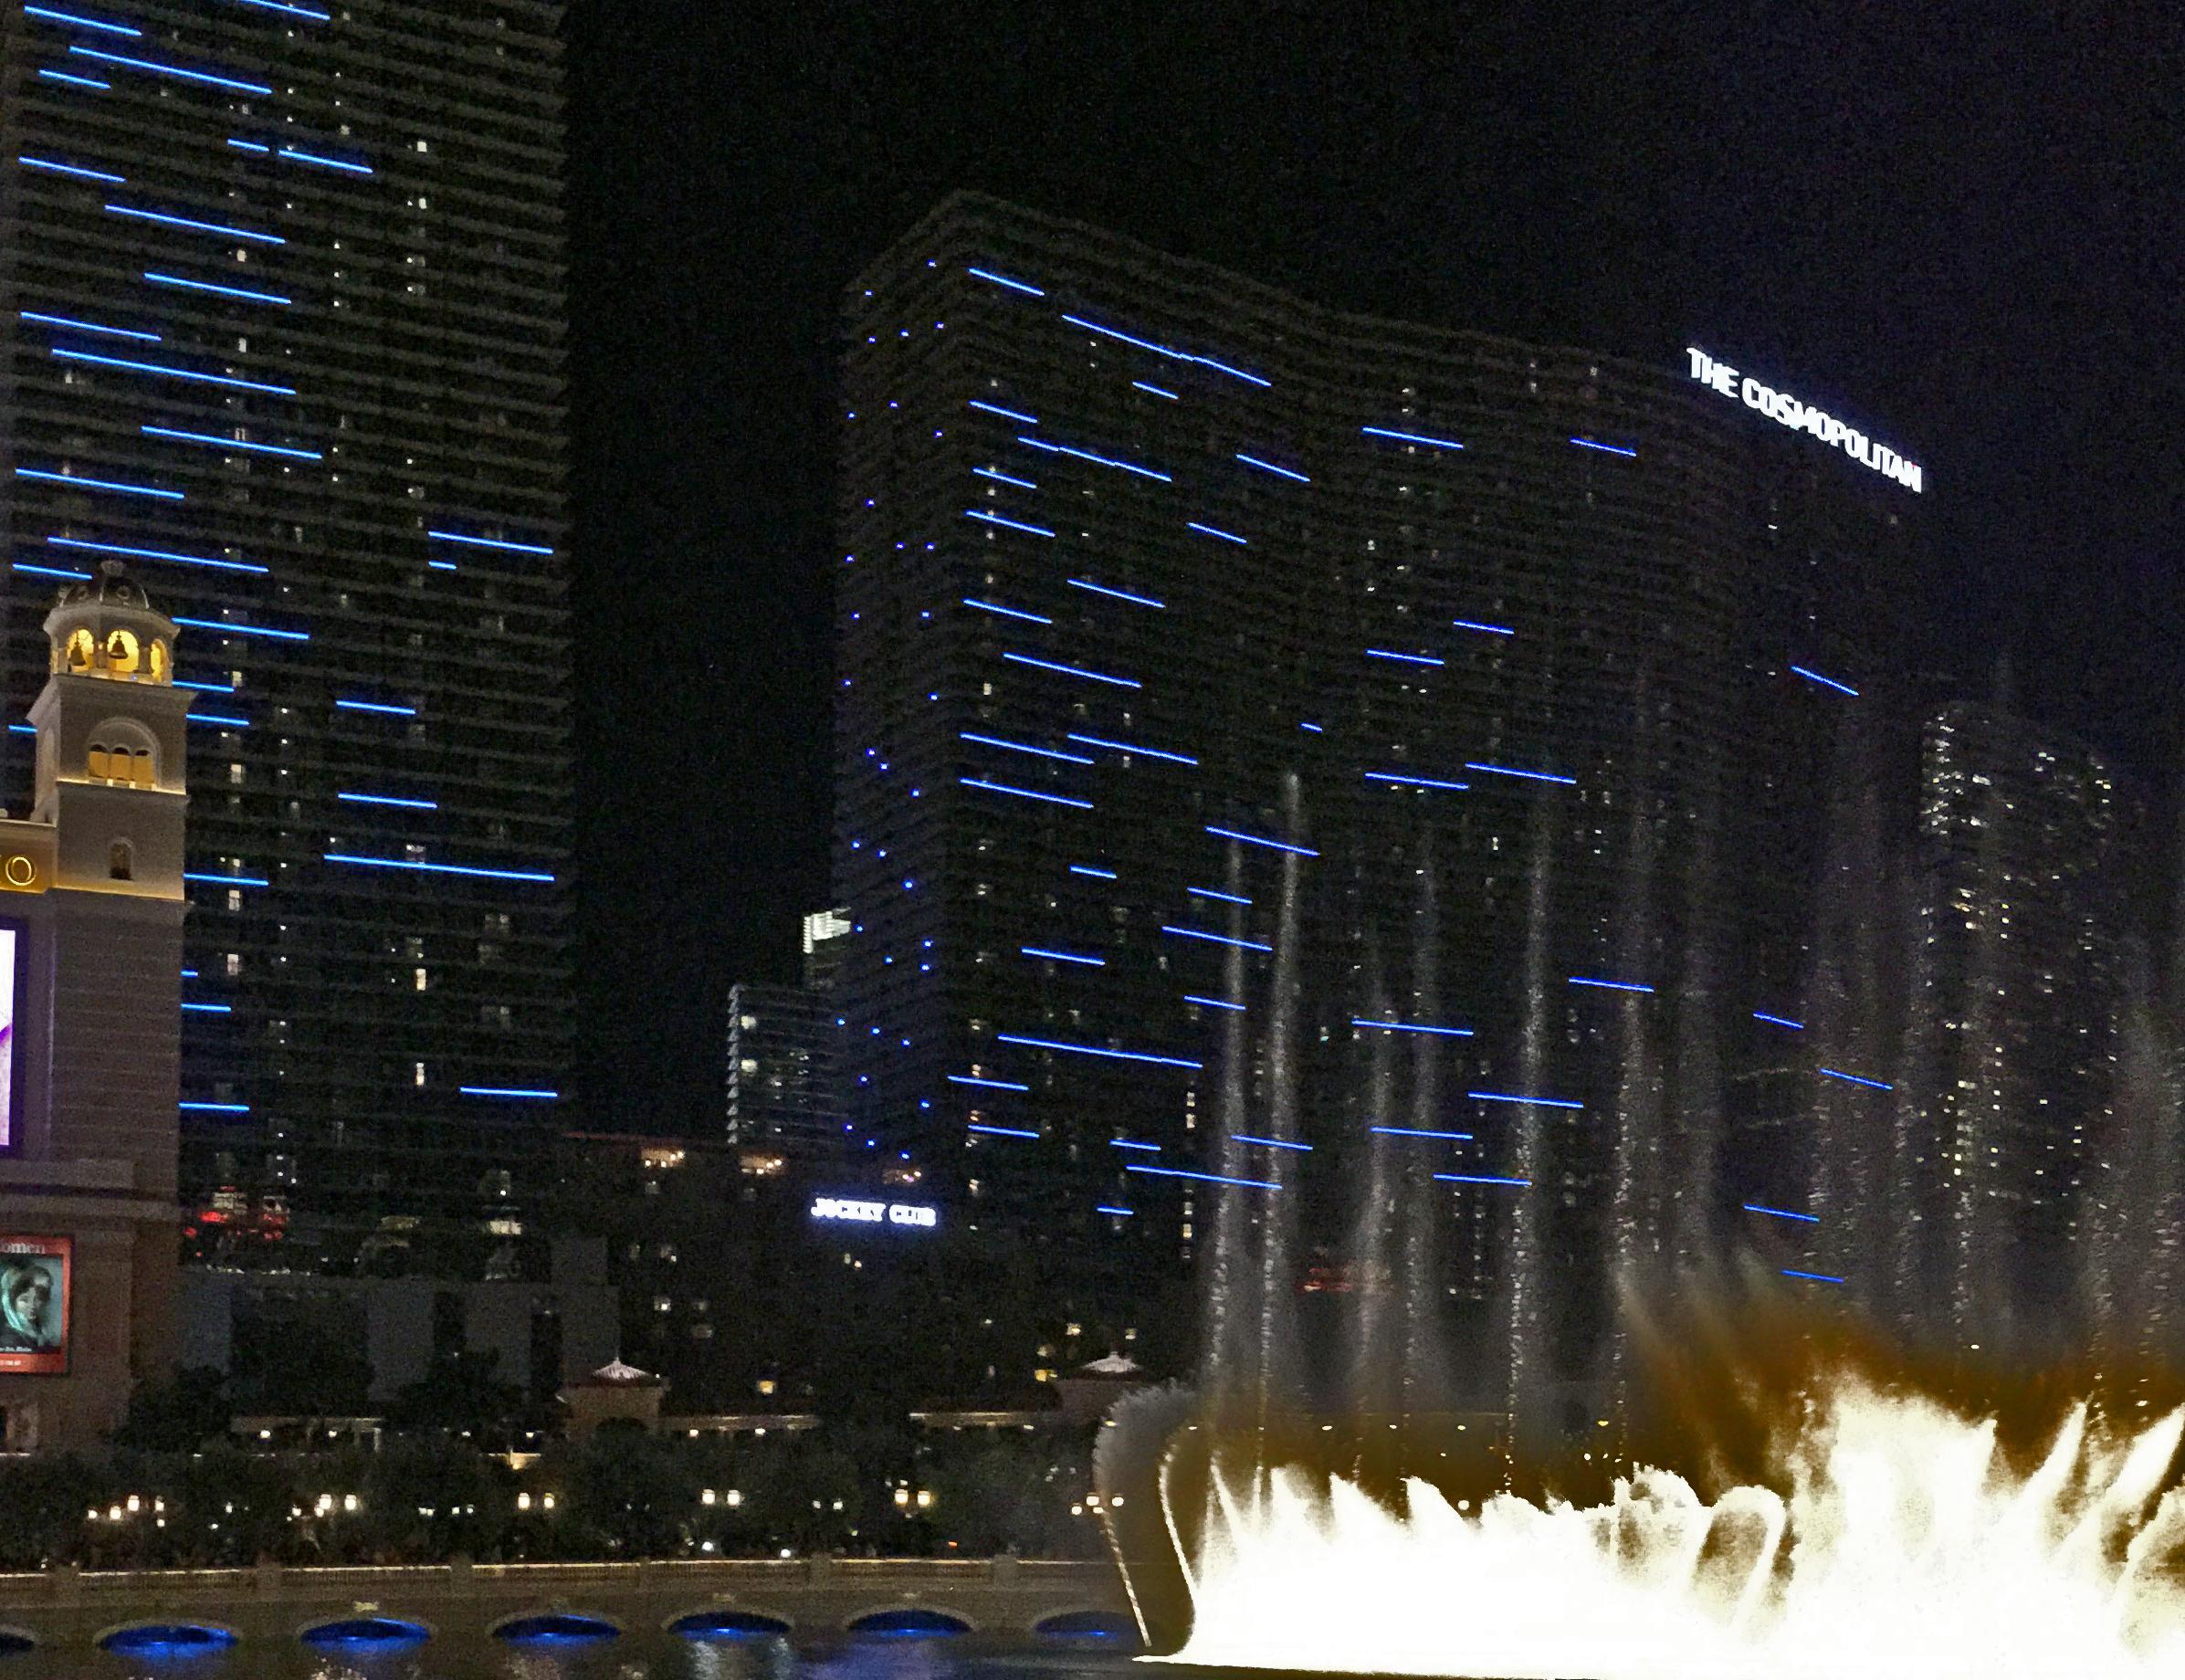 Cosmopolitan, The - Eröffnet: 2010Casino-Grösse: 5'911m²Resort-Fee: 35 US-DollarZimmeranzahl: 2'600 Zimmer, 395 SuitenÄusserst beliebtes Hotel am Las Vegas Strip. Die Zimmer wurden 2018 rundum erneuert und haben einen hochmodernen Vibe. Viele haben einen Balkon mit direktem Sicht auf den «Bellagio-Fountain». Das Buffet «Wicked Spoon» gehört zu den besten Buffet-Optionen, zudem glänzt das Hotel mit zahlreichen, äusserst vielseitigen Restaurants.